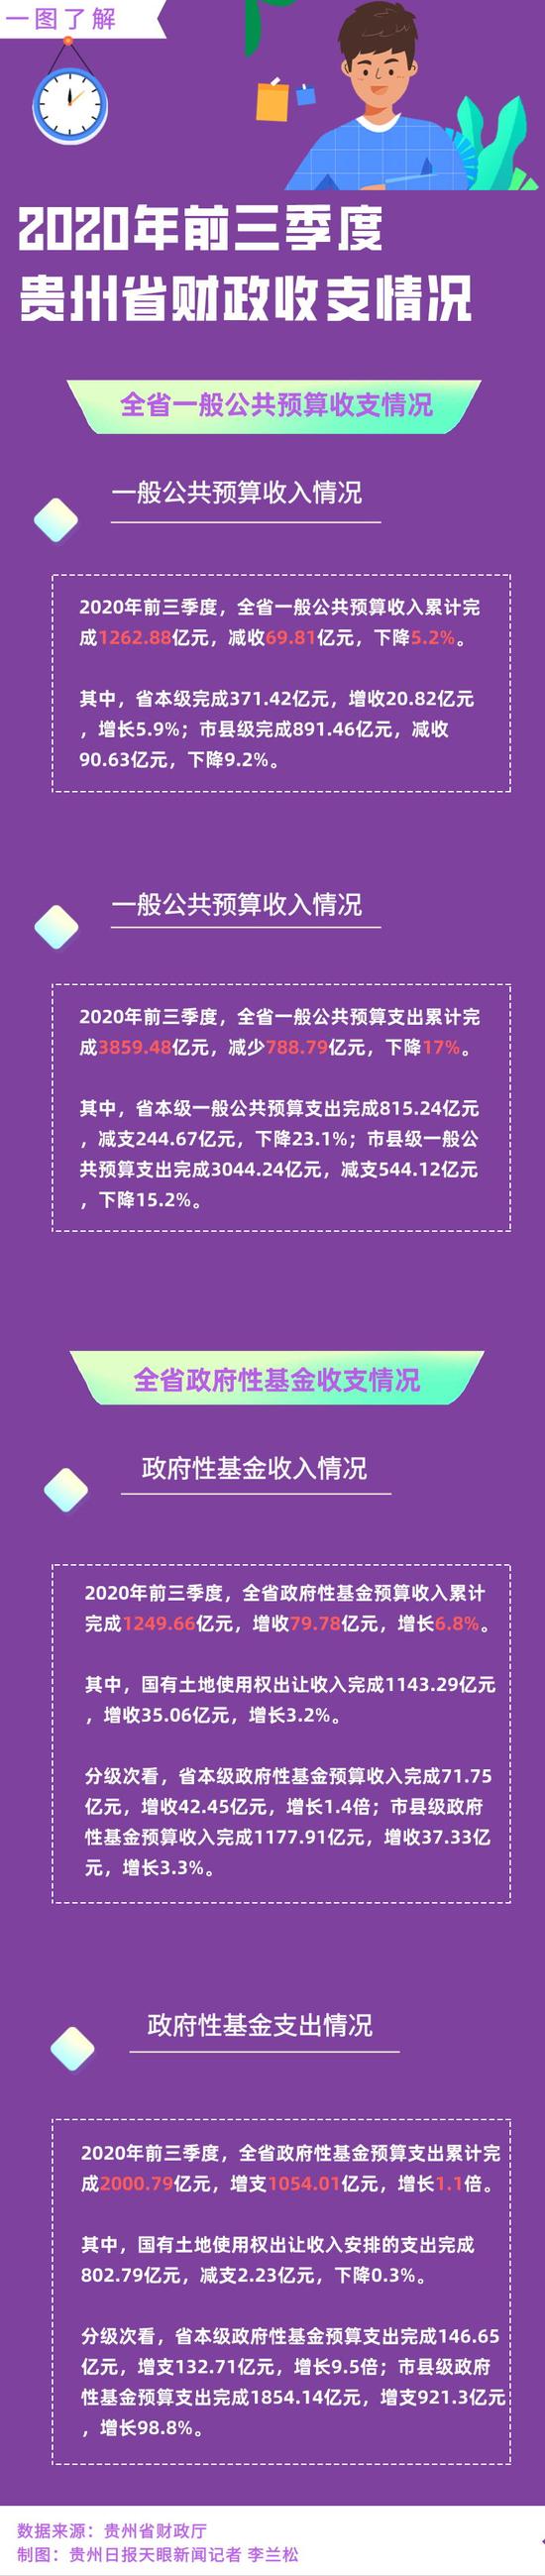 2020年前三季度贵州省财政收支情况公布